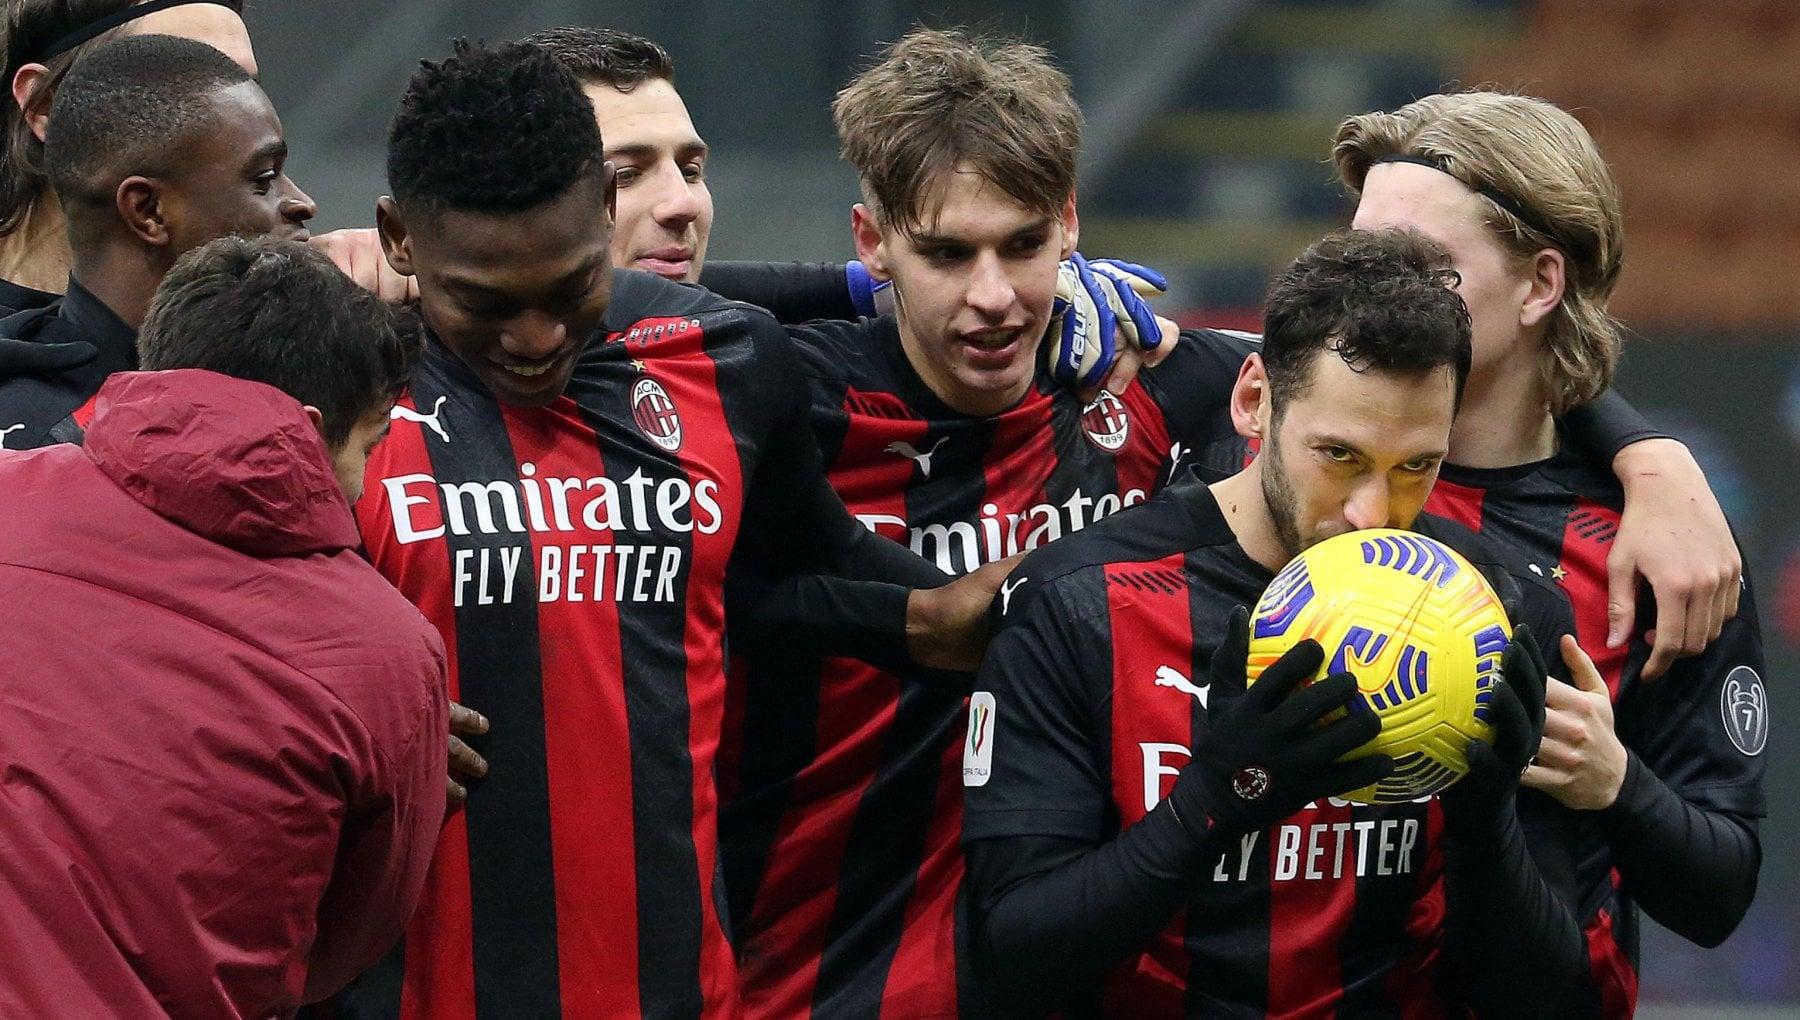 Coppa Italia Milan Torino 5 4 ai rigori i rossoneri ai quarti dopo una maratona